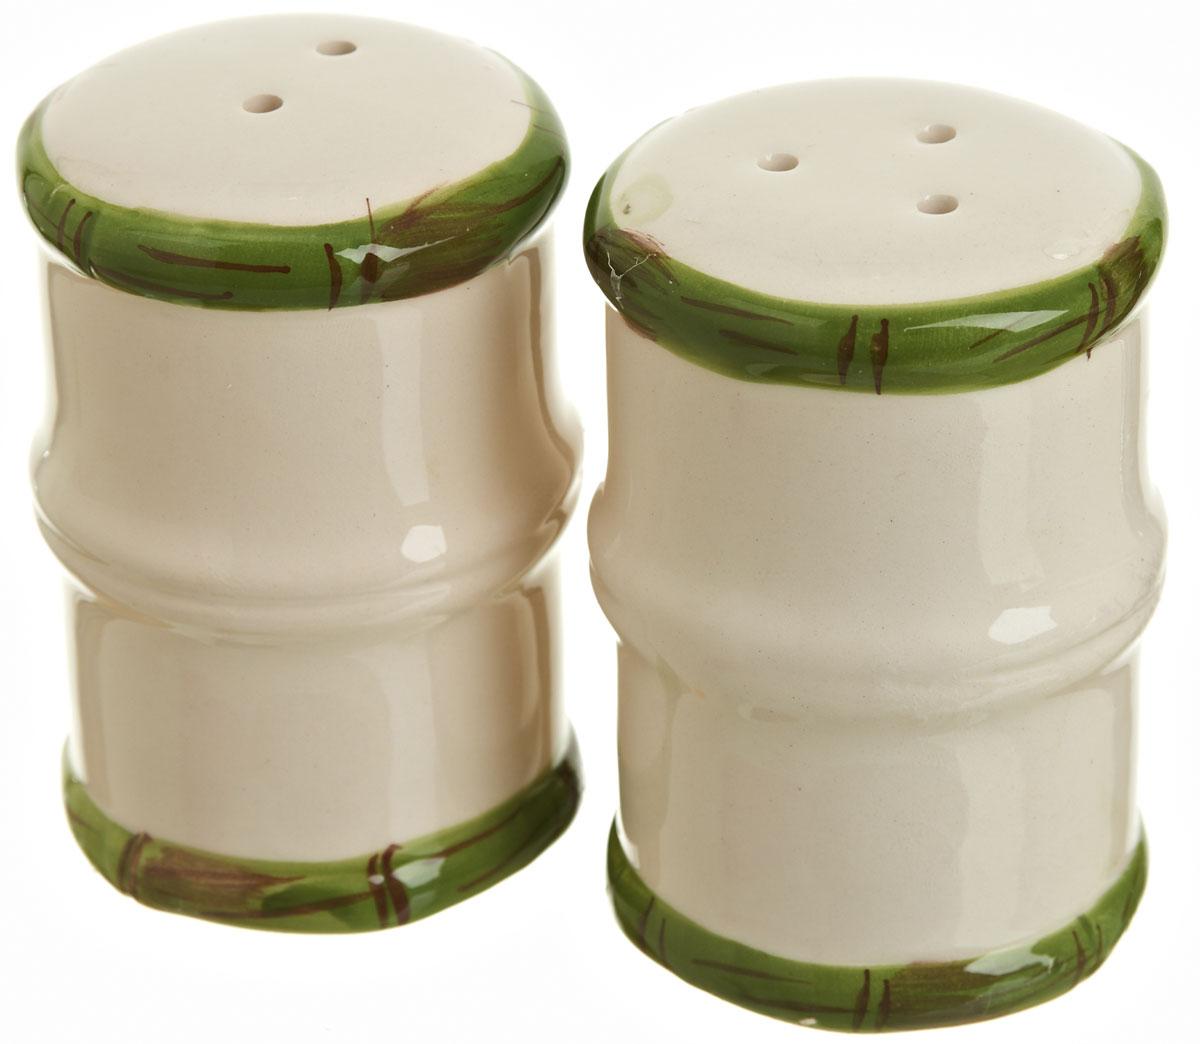 Набор для специй Polystar Nature Design, 2 предметаL0200090Набор для специй Nature Design выполнен из керамики, состоит из солонки и перечницы. Изделия оригинальной формы в виде бамбука. Благодаря своим компактным размерам не займет много места на вашей кухне.